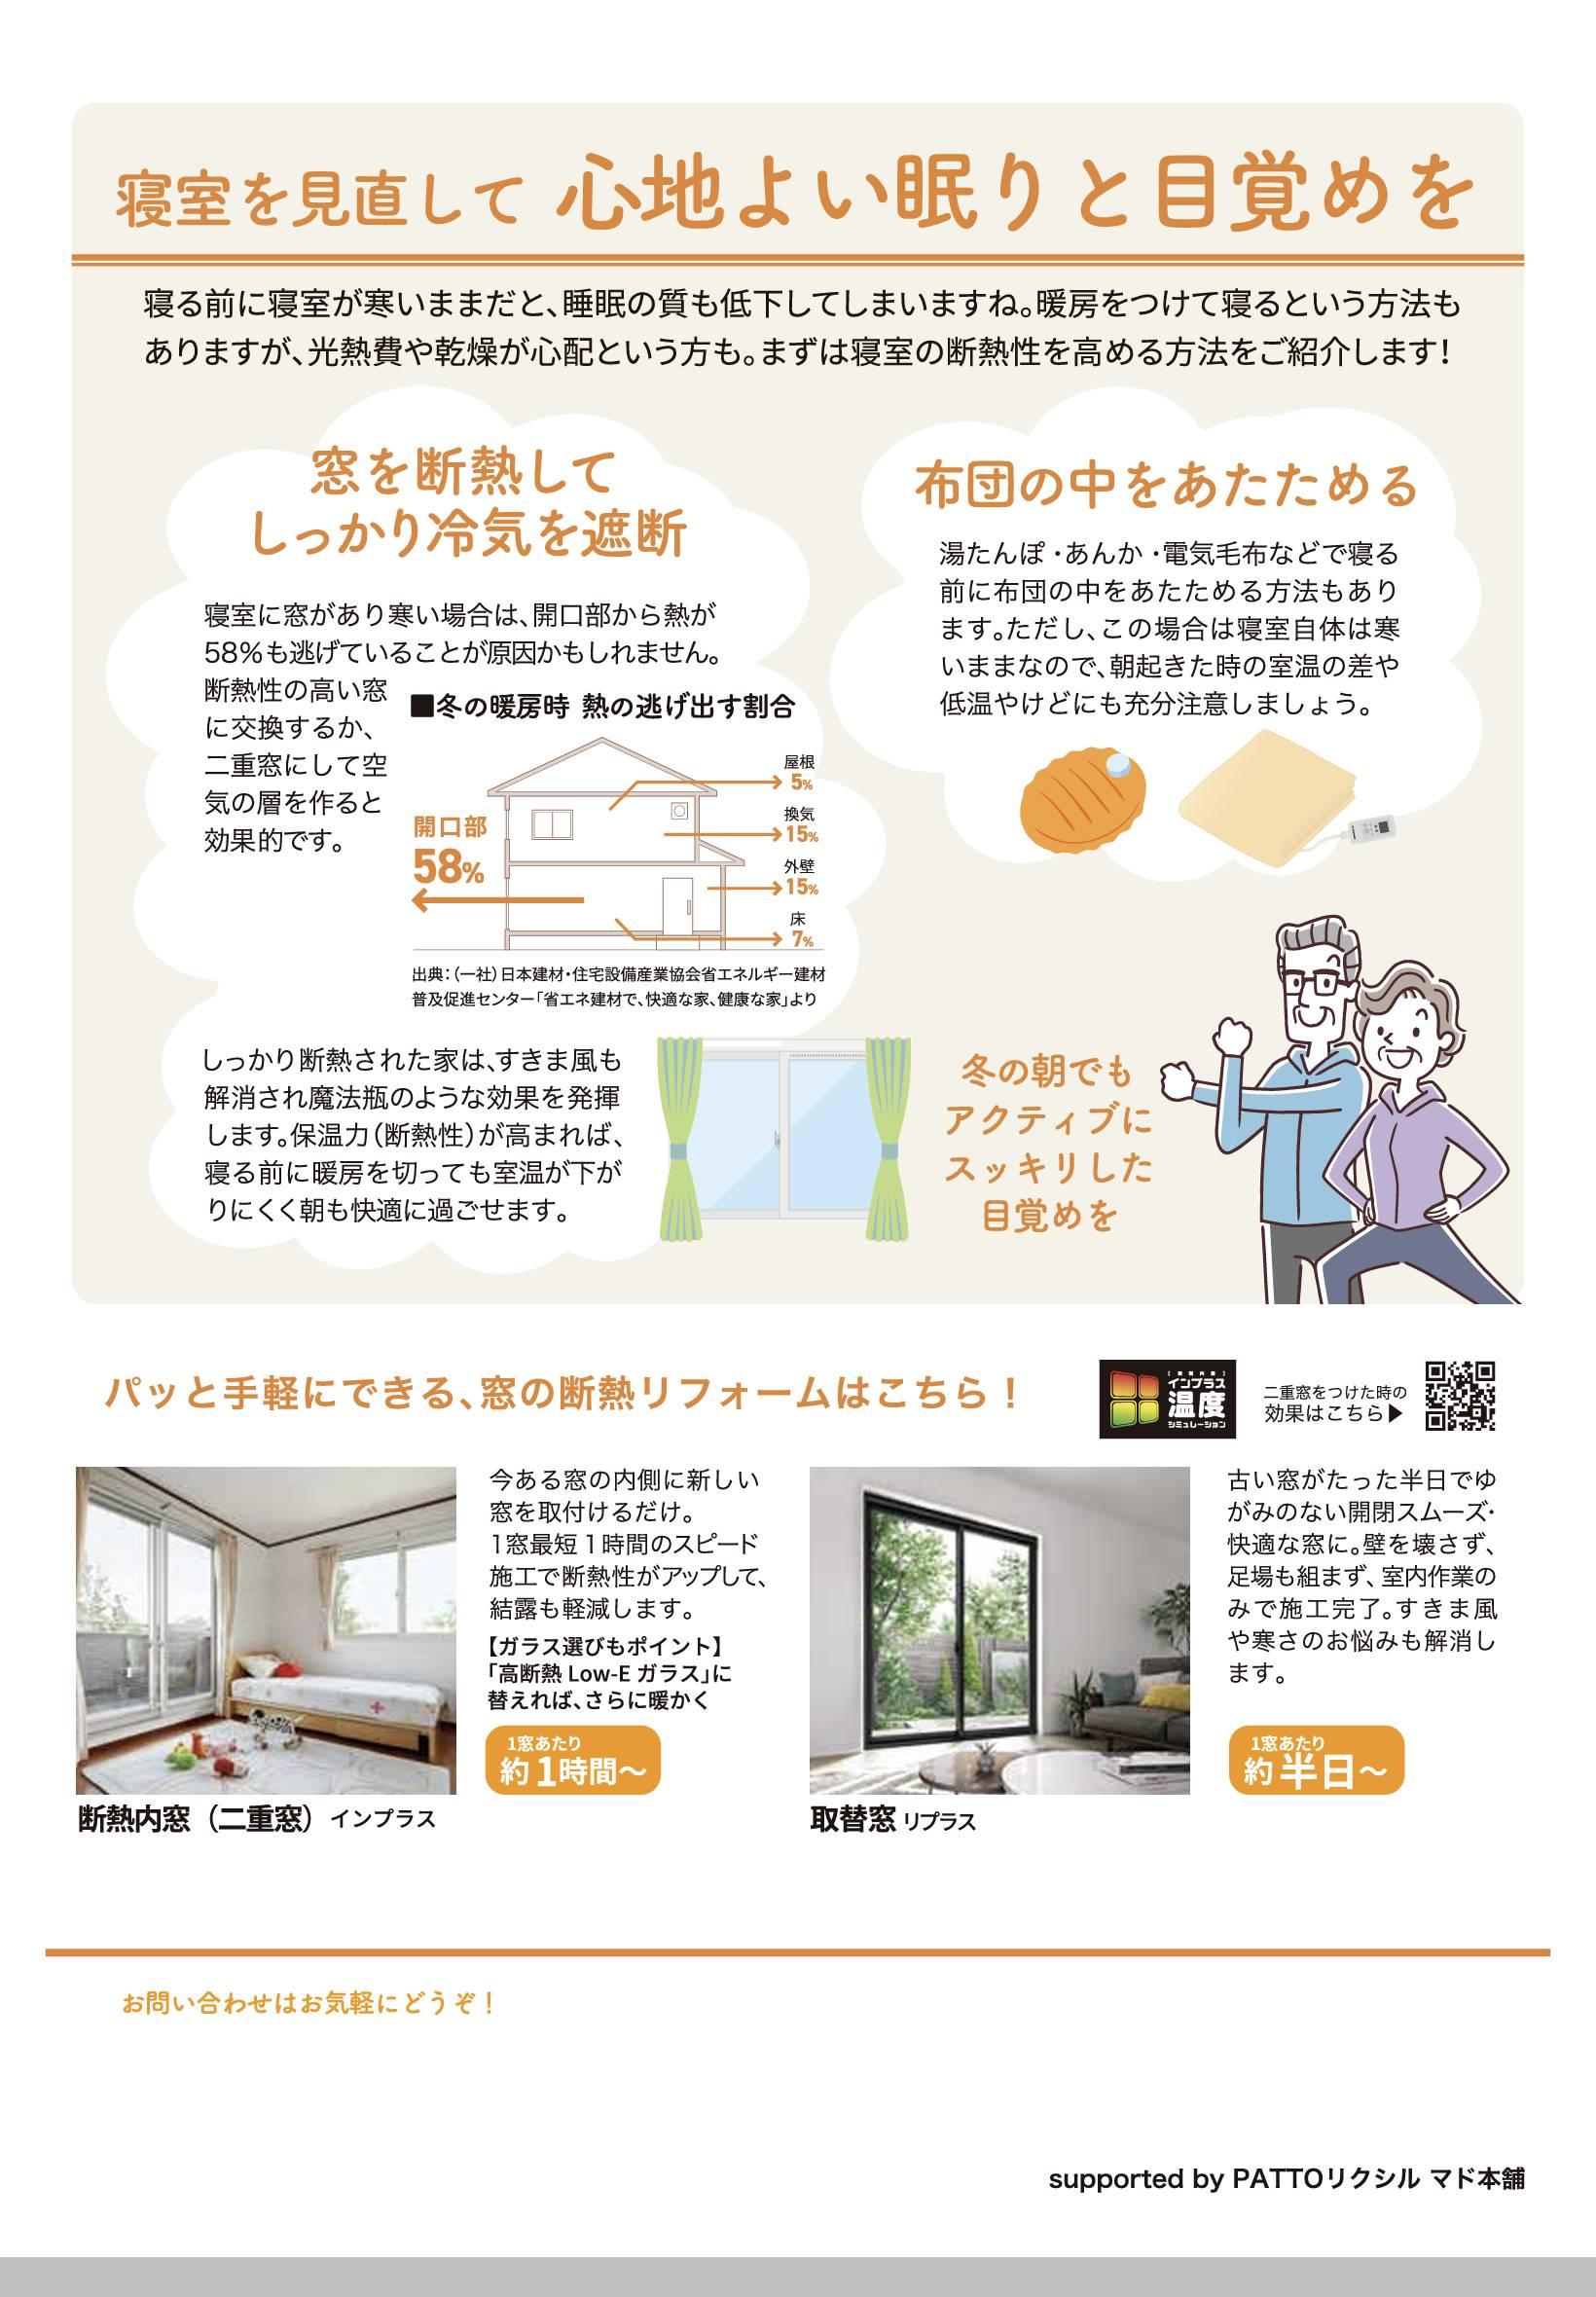 【11月号】住まいの健康快適便り 富士家クラシオのイベントキャンペーン 写真2